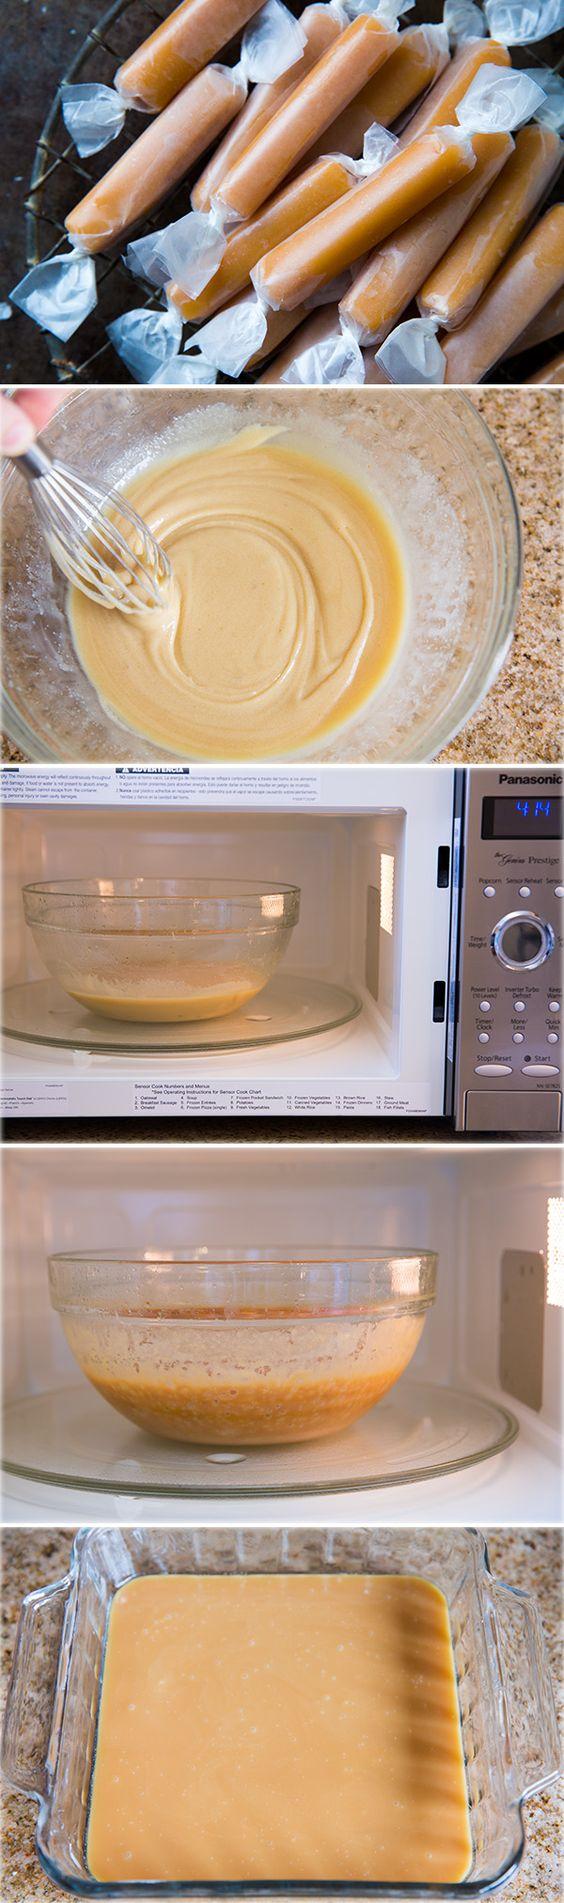 Microondas Caramelos | Cocinar con clase